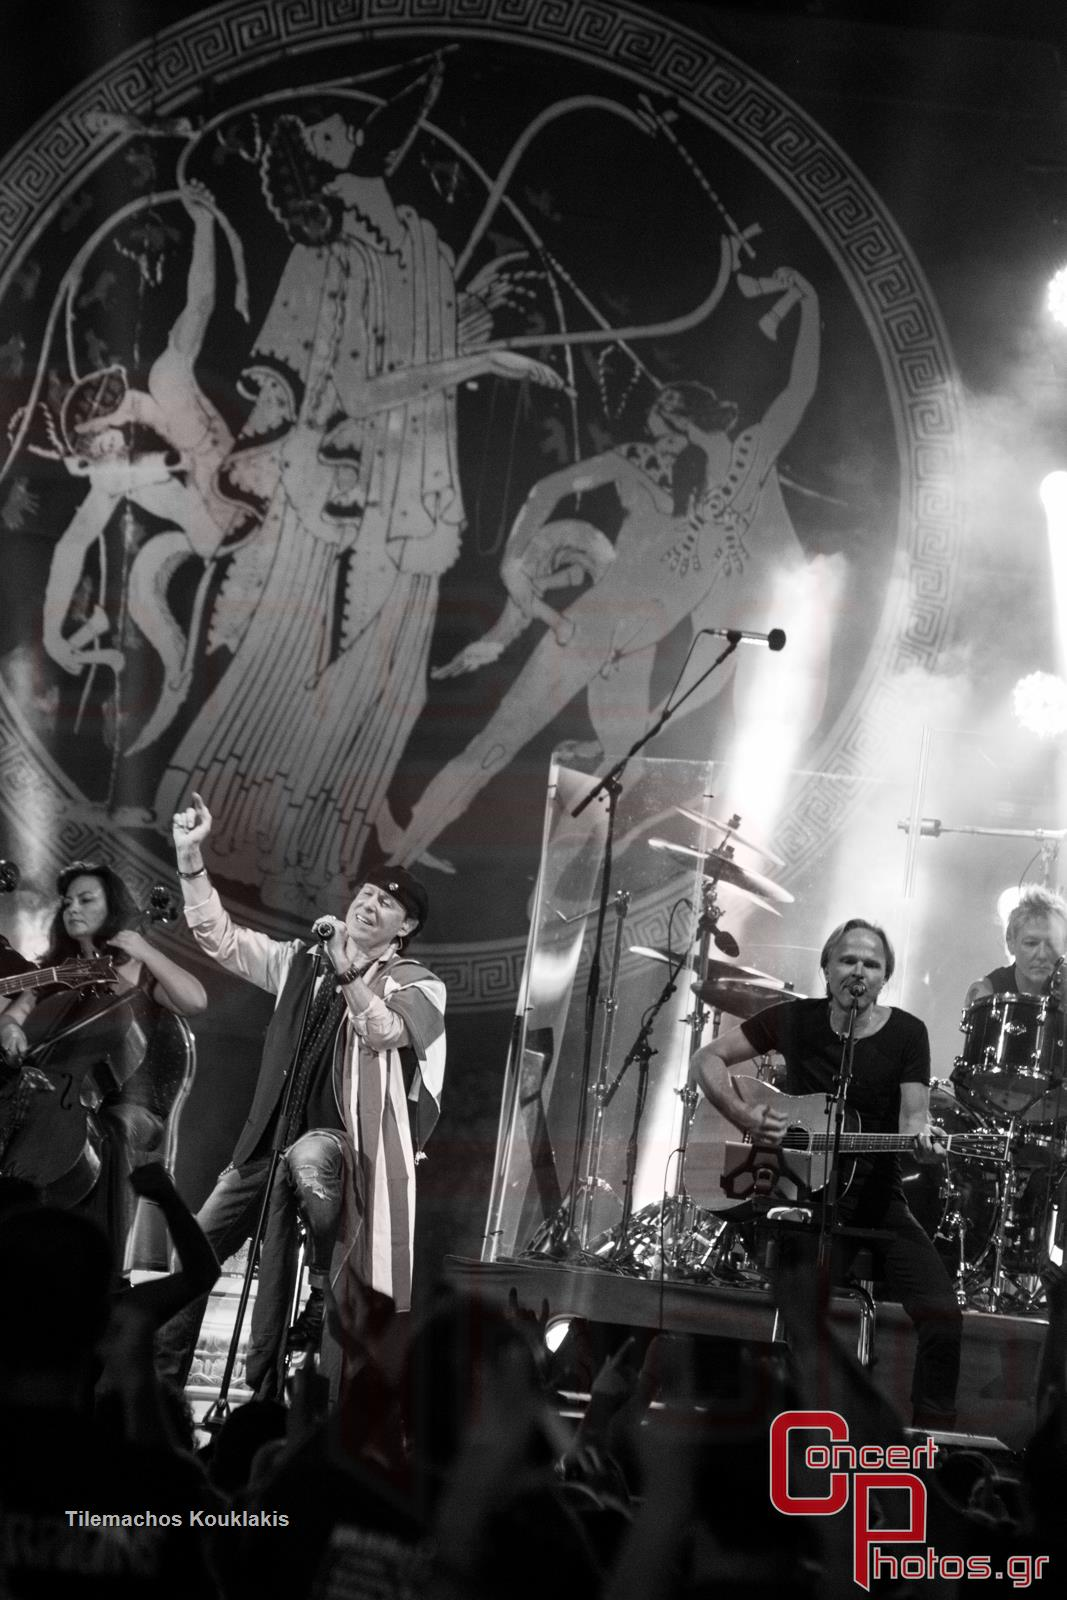 Scorpions-Scorpions photographer: Tilemachos Kouklakis - concertphotos_-7036